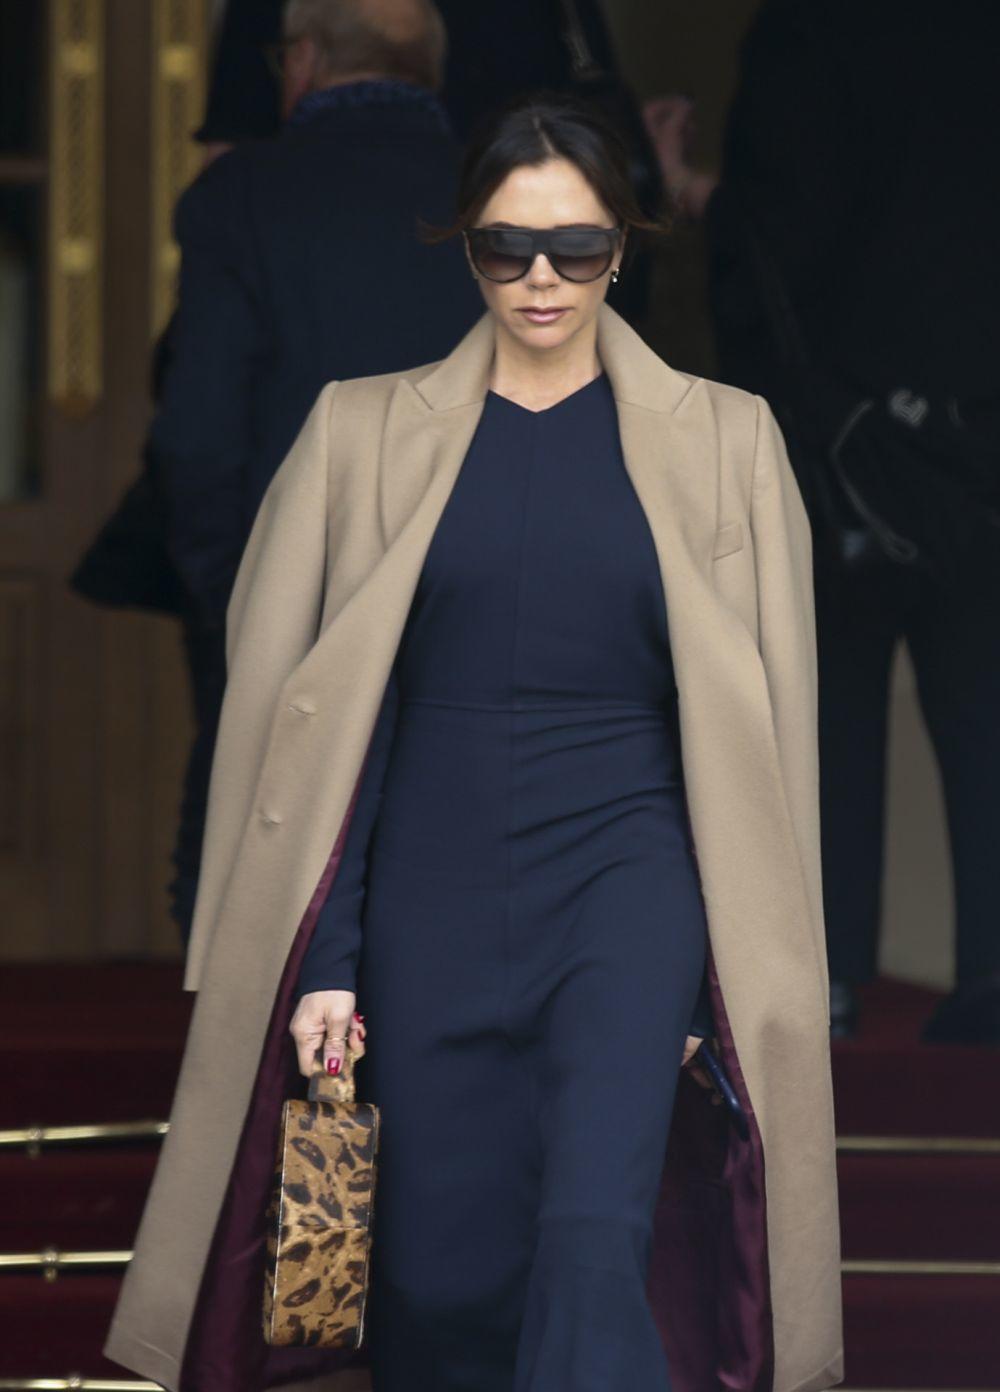 Victoria Beckham da un paso más en su carrera.